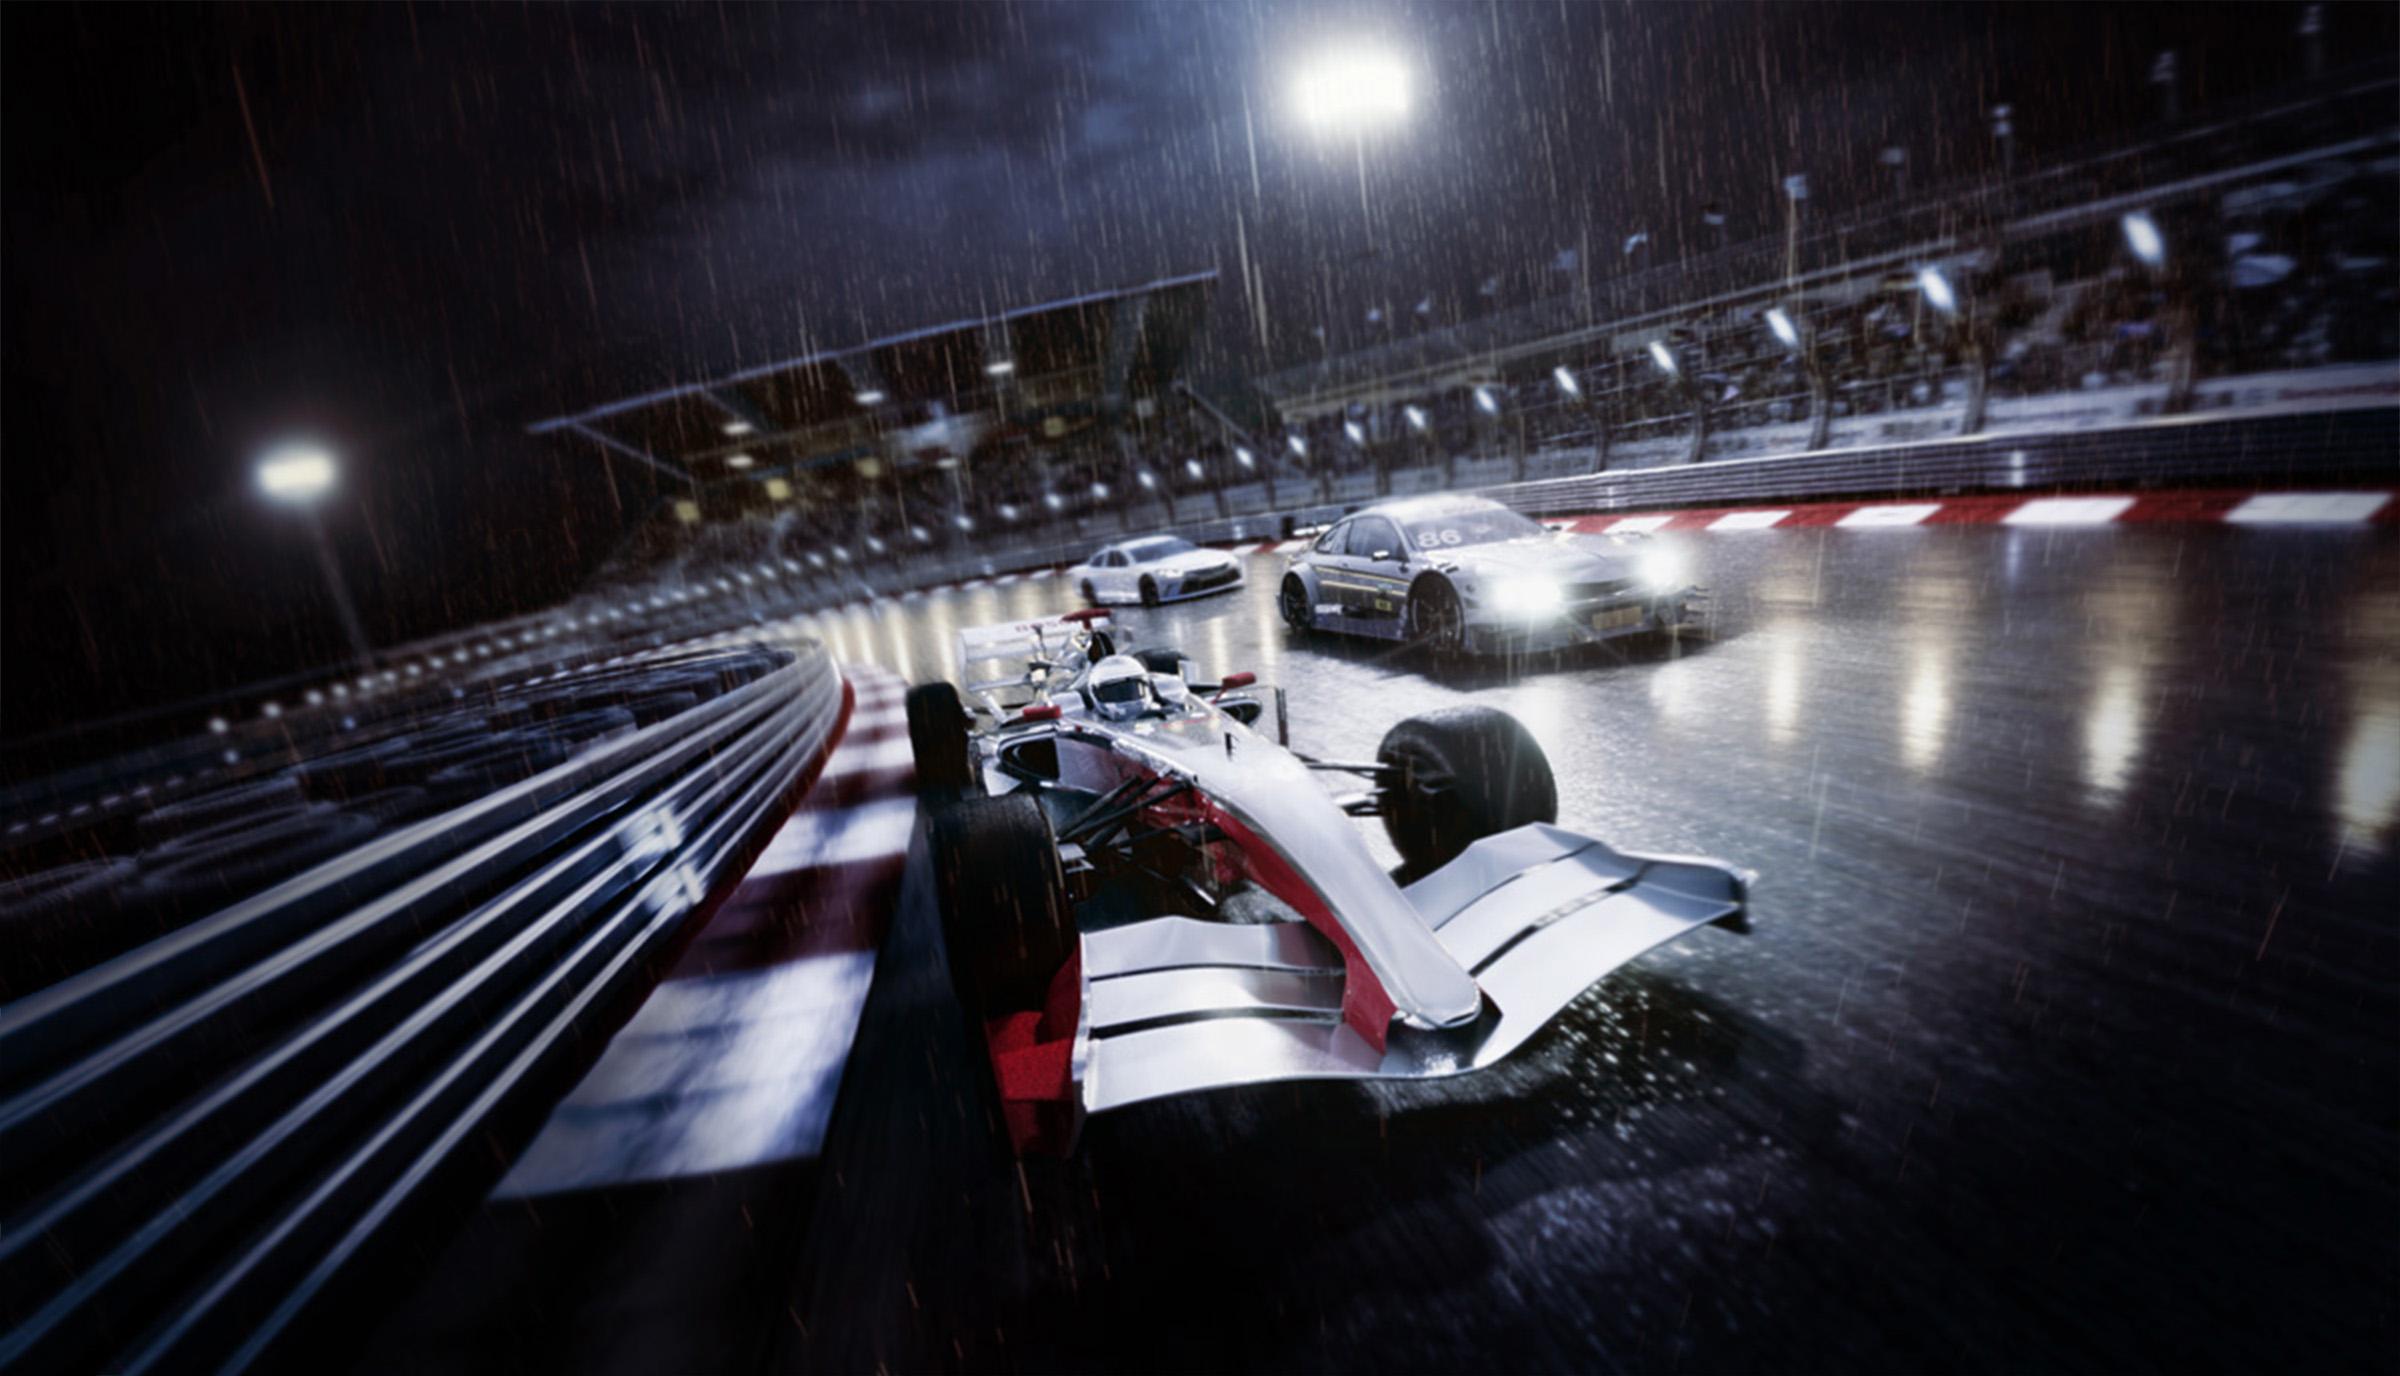 BOSCH_racetrack_2400_169_NACHT